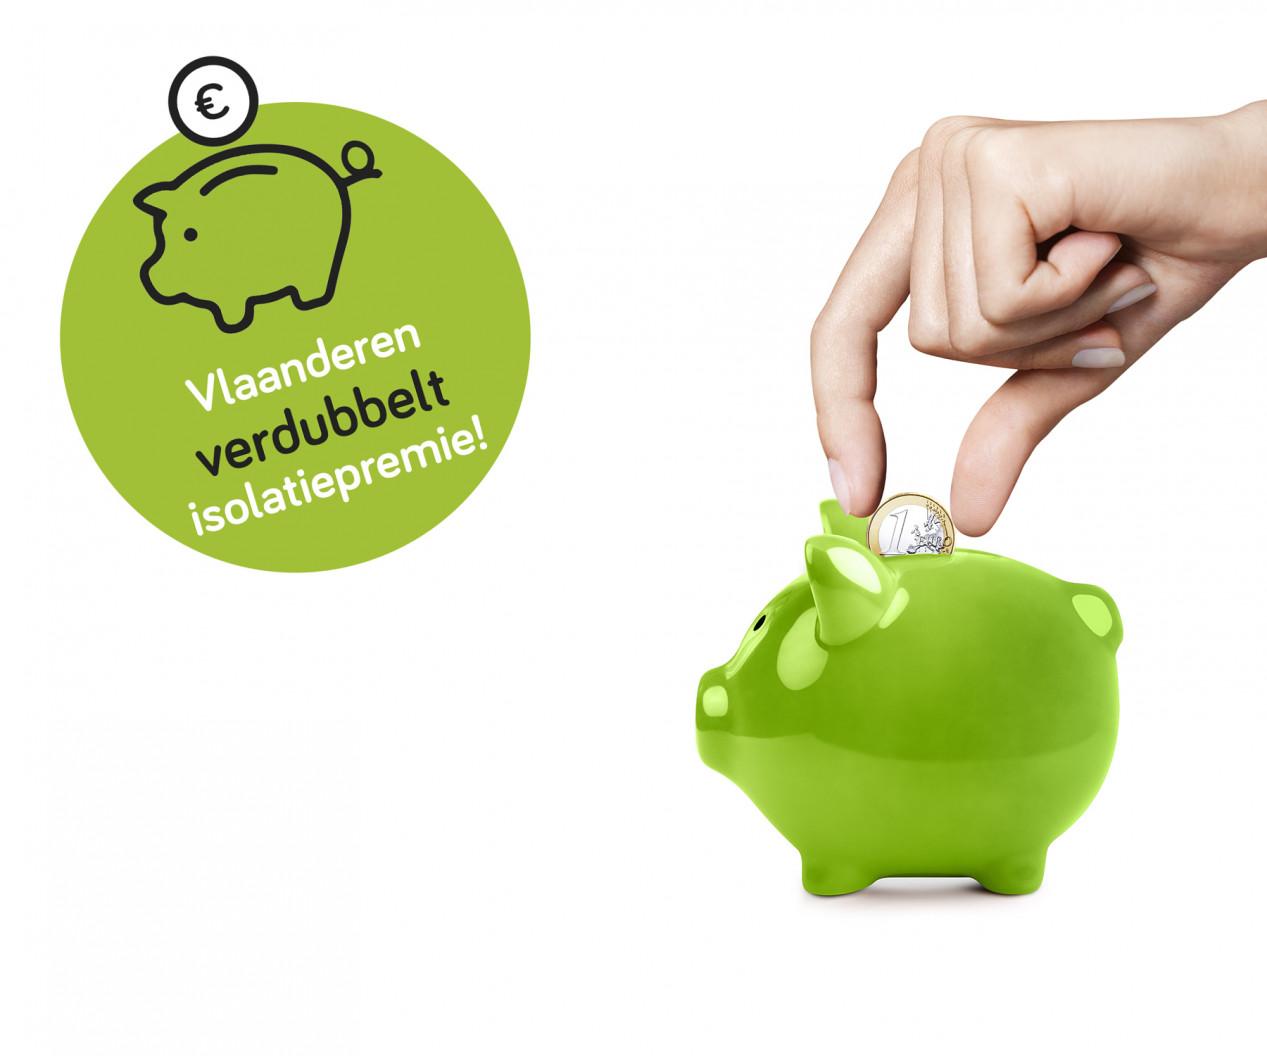 Goed nieuws voor slimme verbouwers: Vlaanderen verdubbelt premie! besparen_artikel premie.jpg